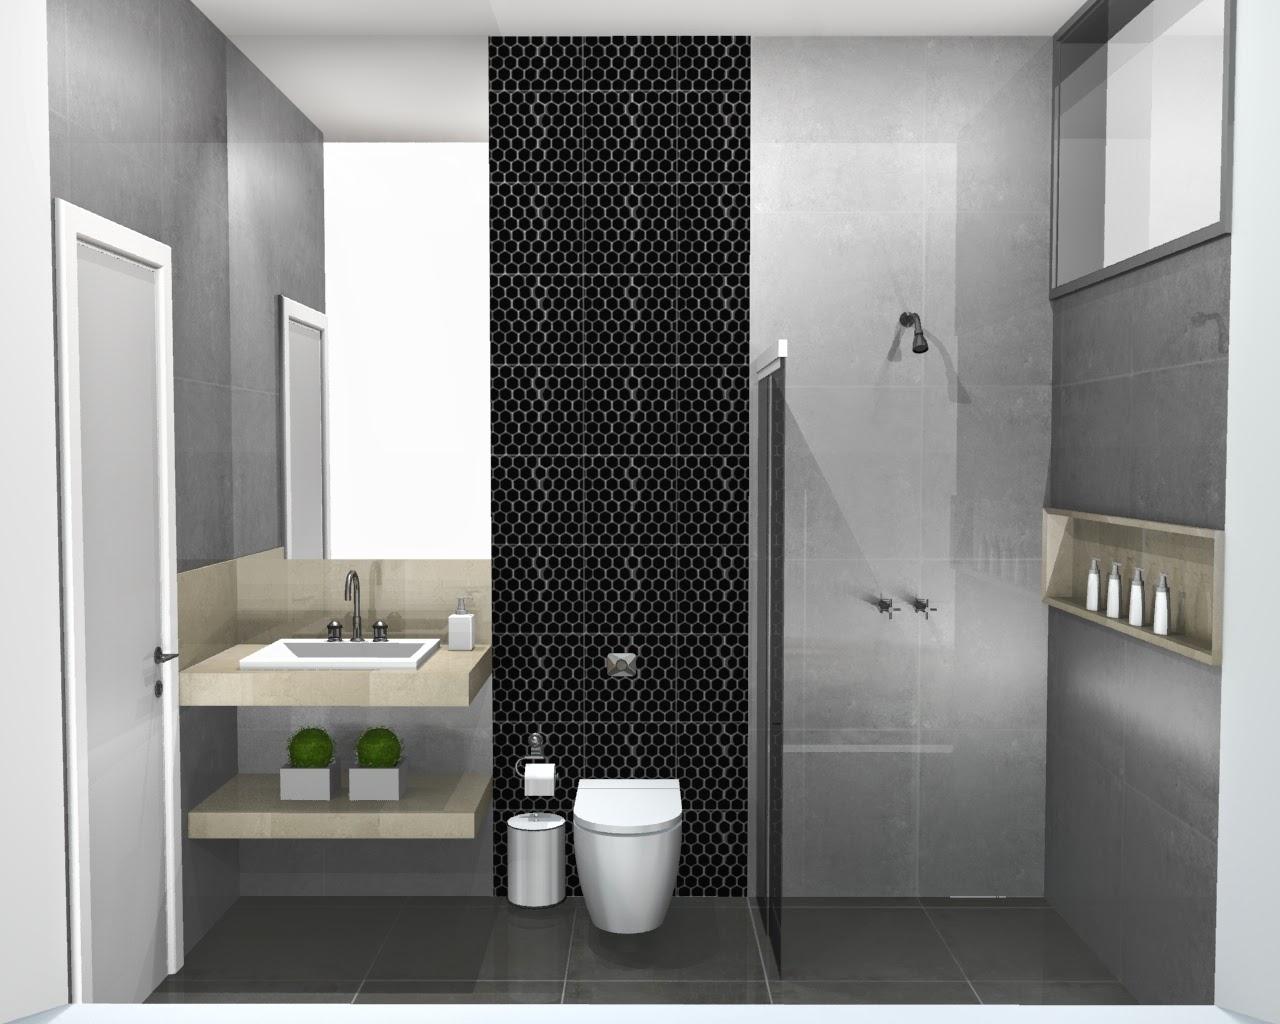 piso) Porcelanato natural (acetinado) de cor cinza claro tamanho  #766D55 1280x1024 Banheiro Com Revestimento Branco E Piso Bege